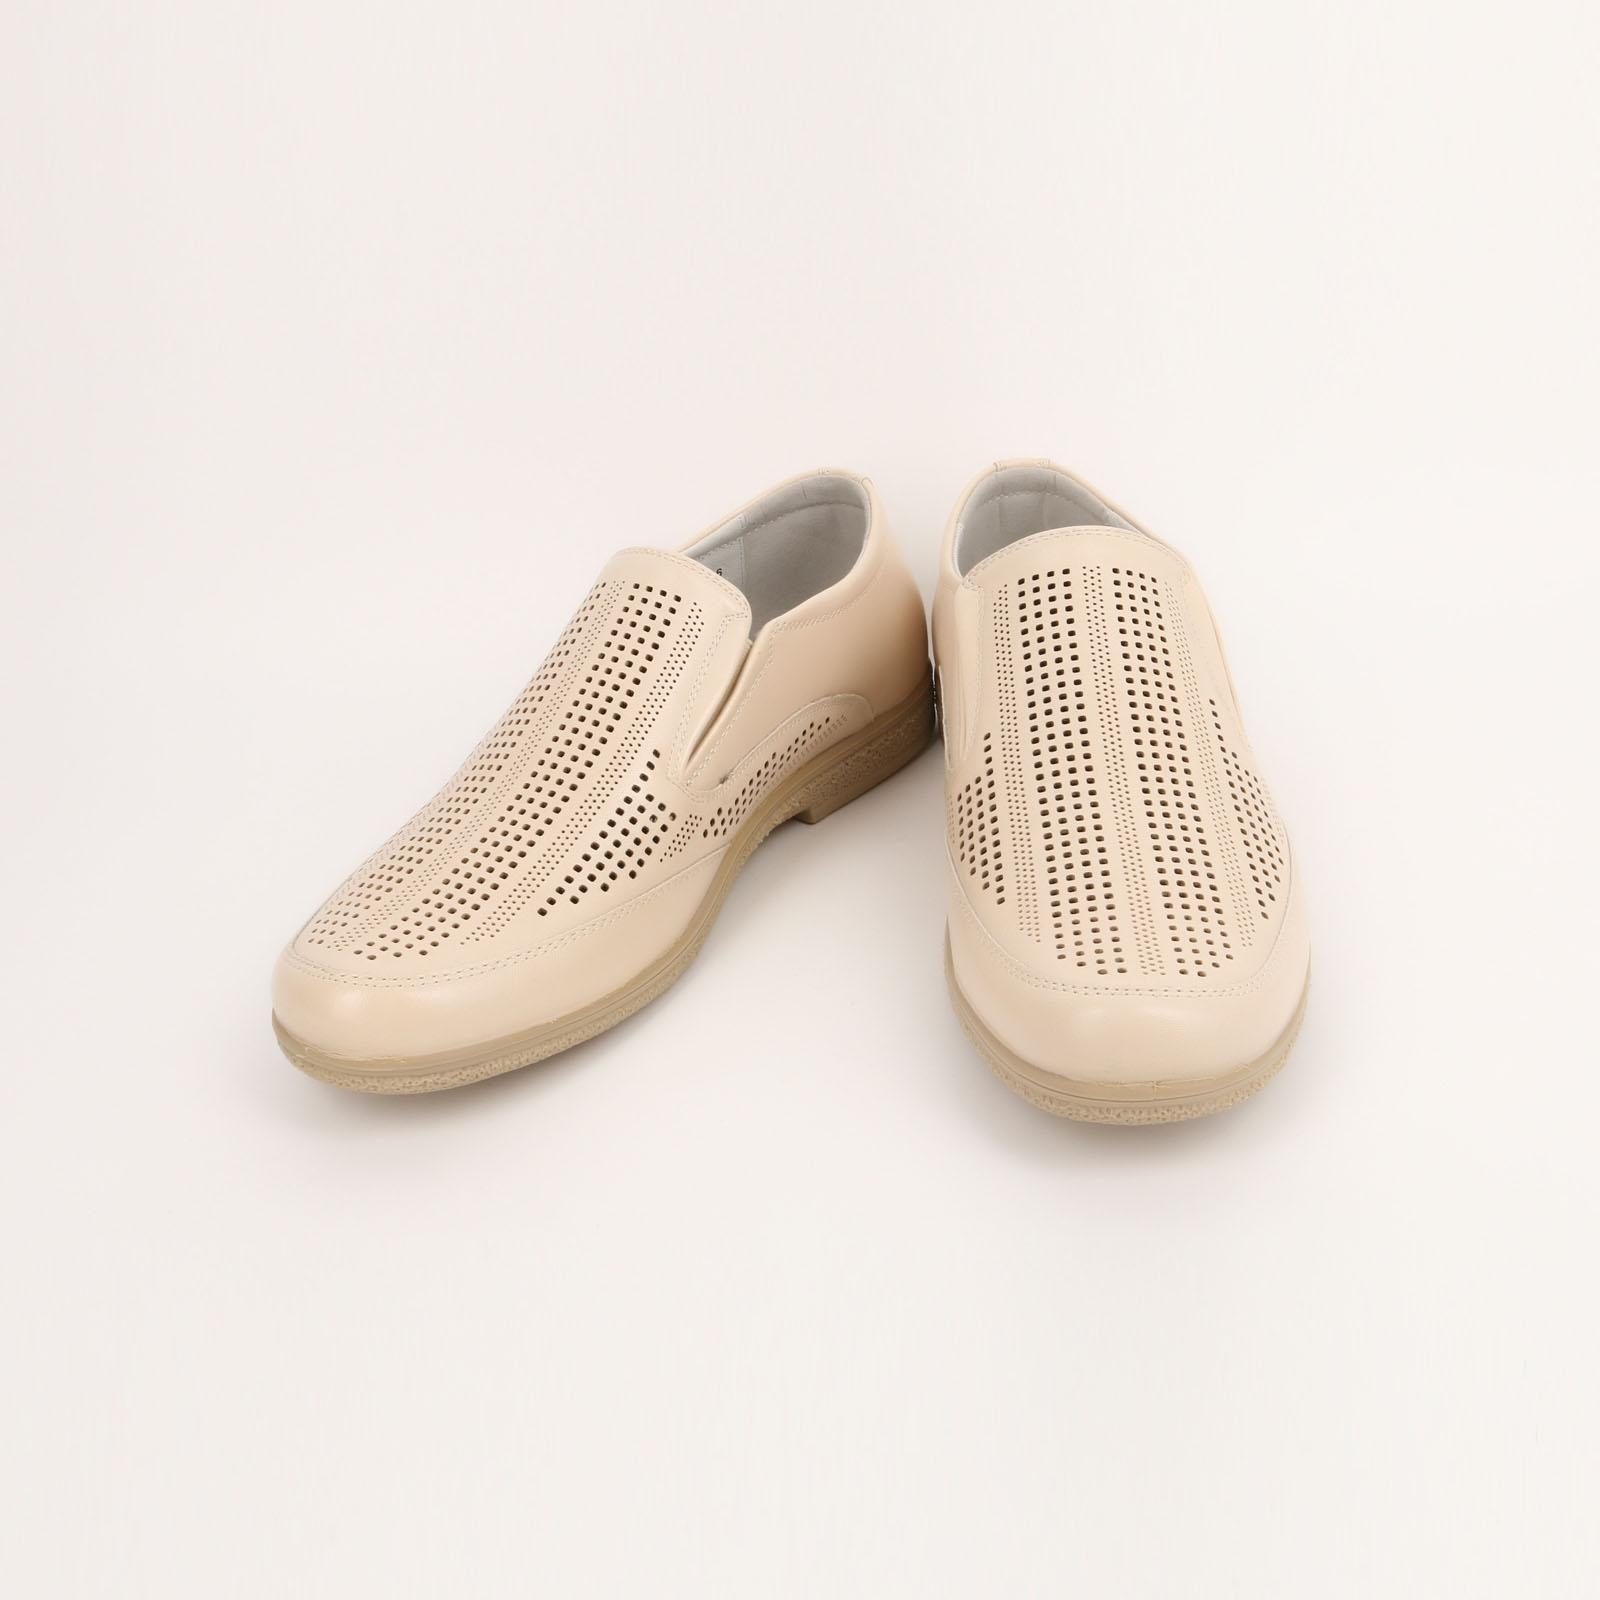 Мужские туфли с мелкой перфорацией